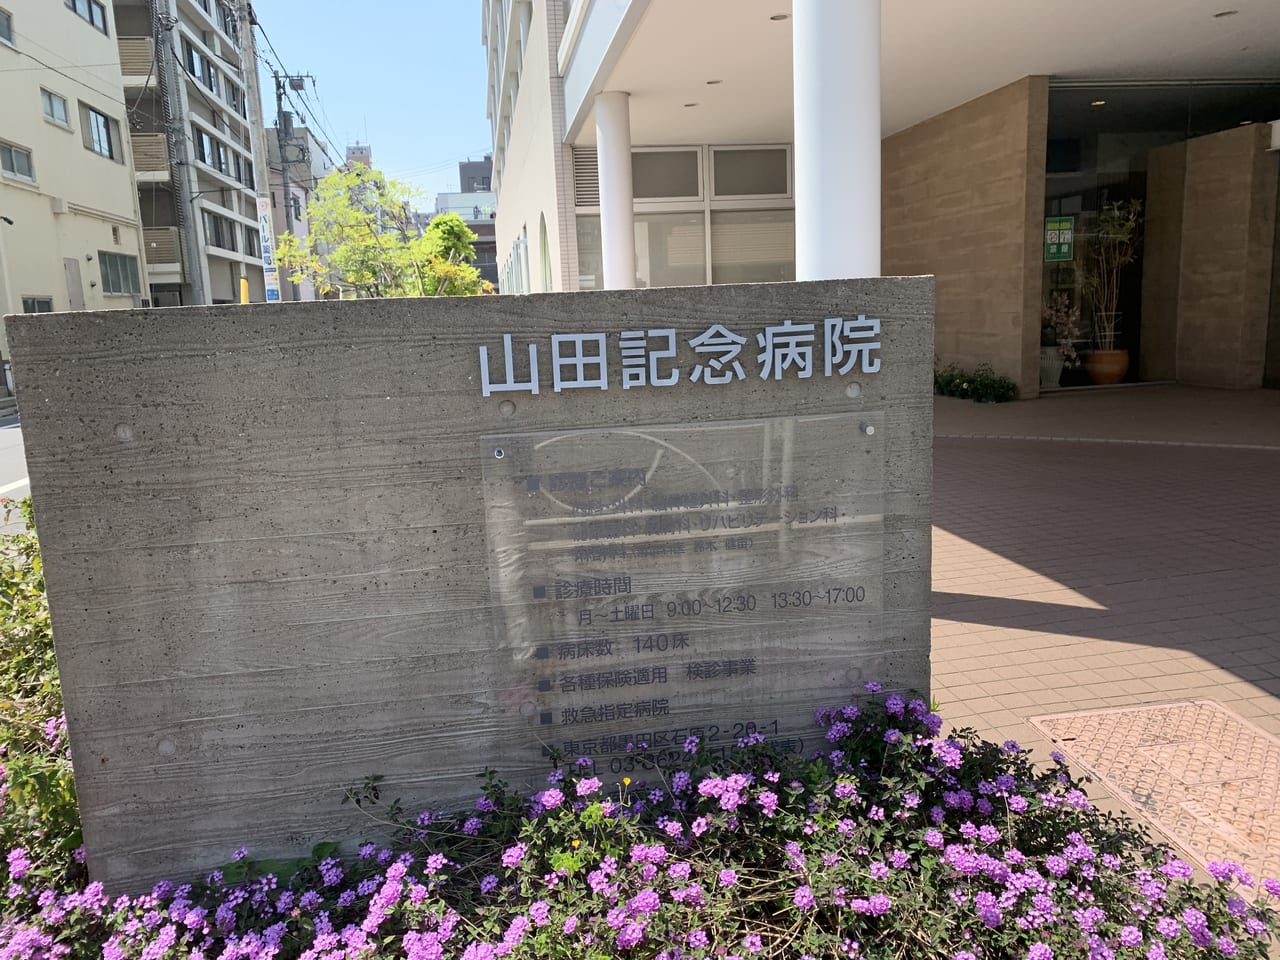 中村 記念 病院 コロナ